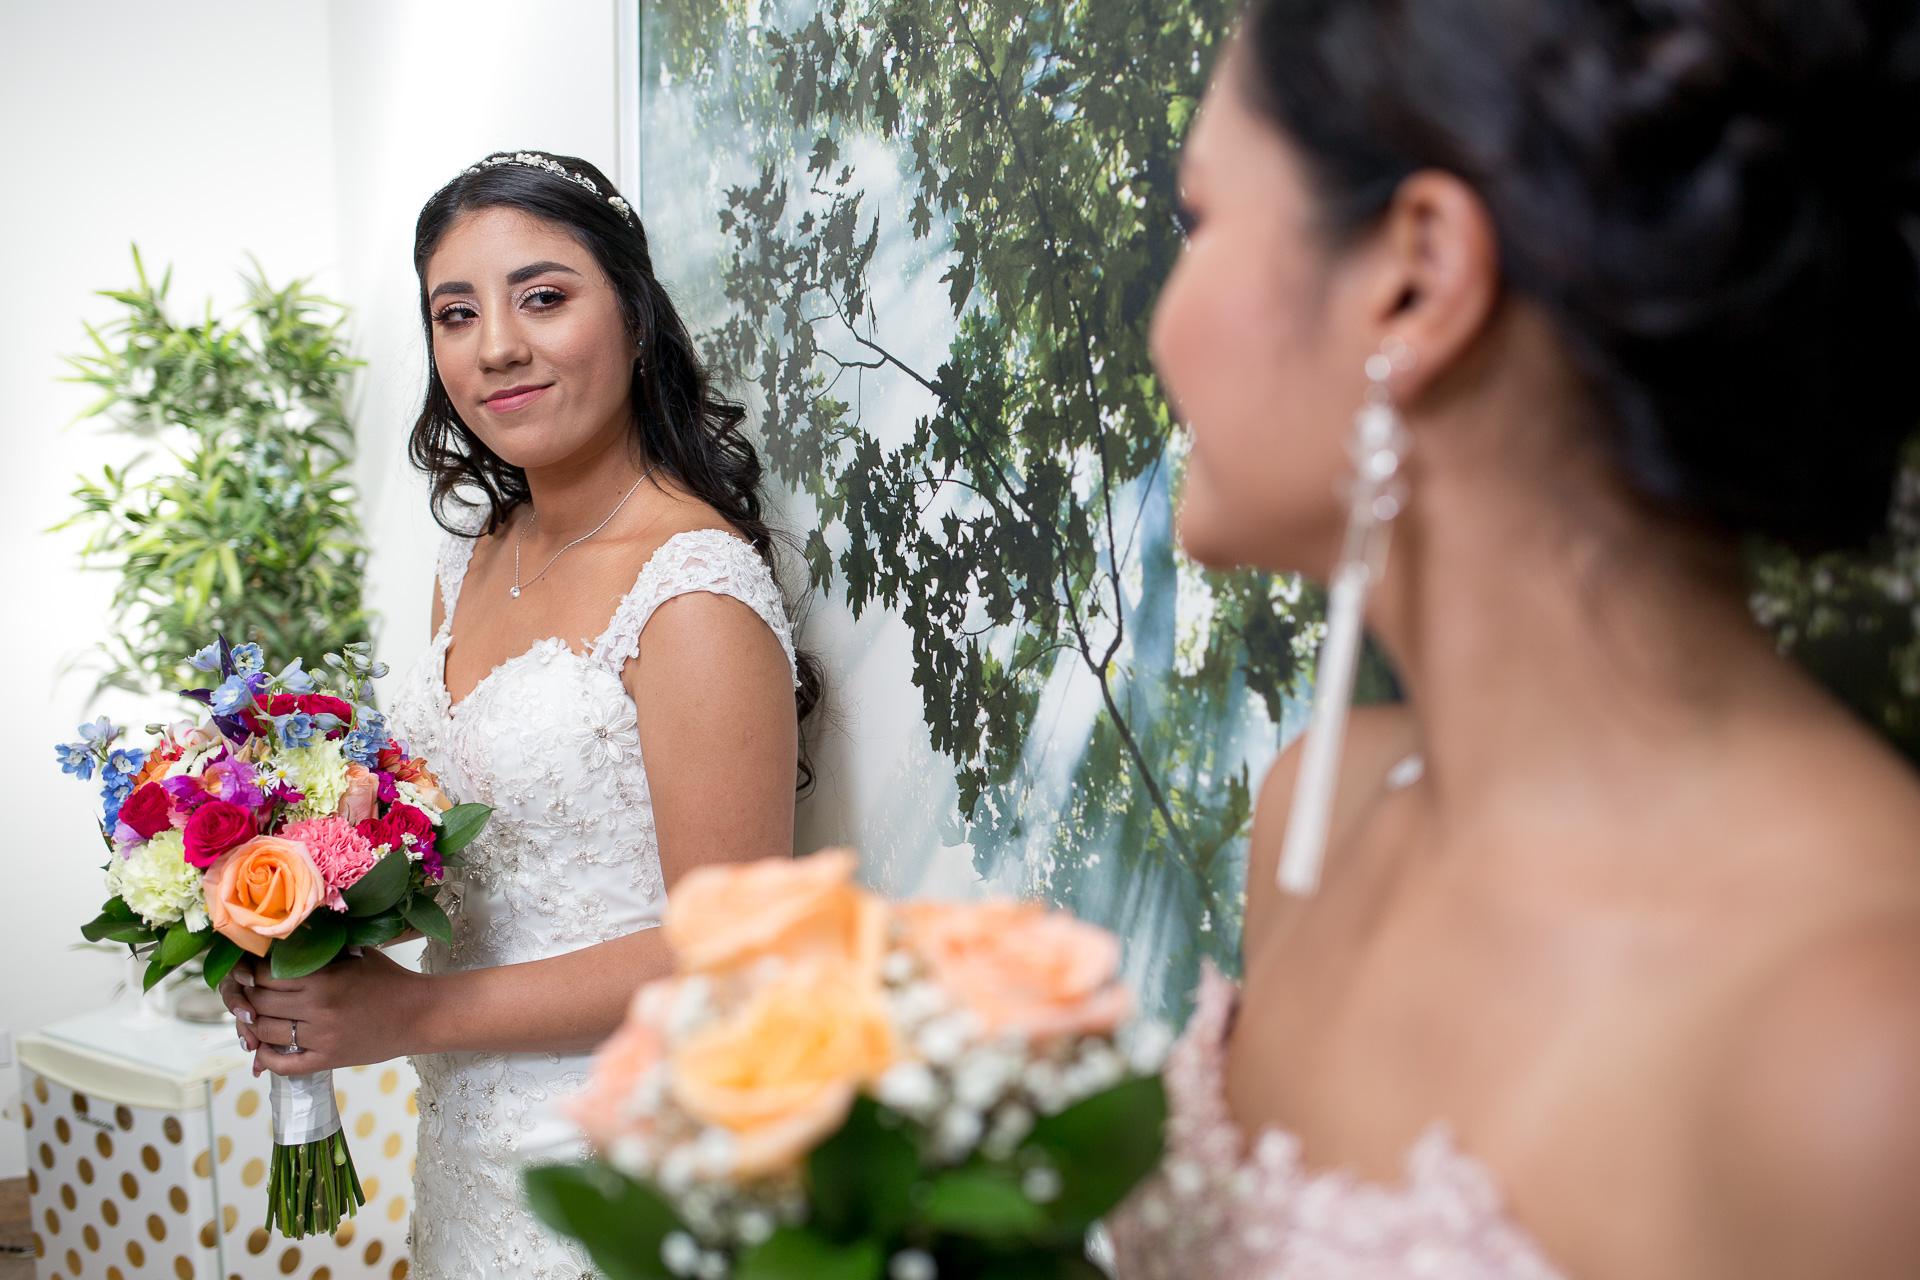 Fotógrafos-de-bodas-en-Colombia-Alejandro-y-Angelica-15 ALEJANDRO + ANGELICA